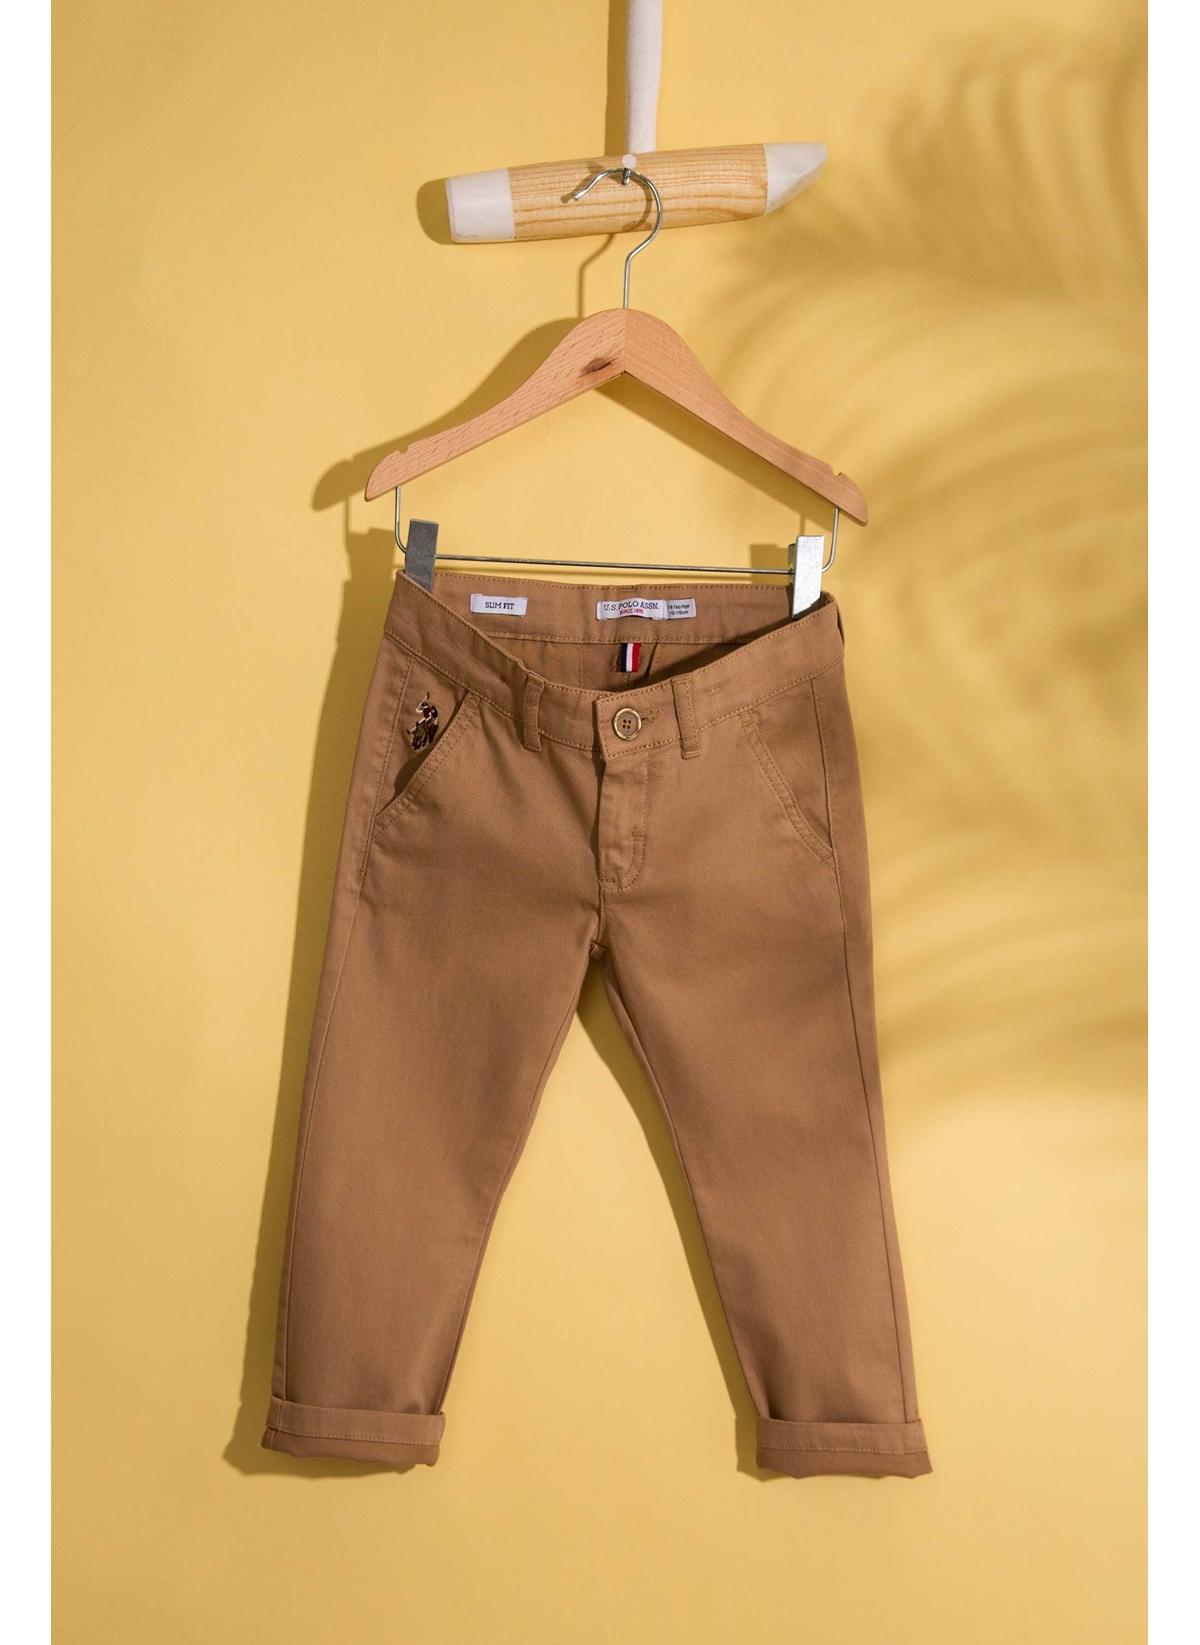 U.S. Polo Assn. Pantolon 8 Yaş 5001704577010 Ürün Resmi